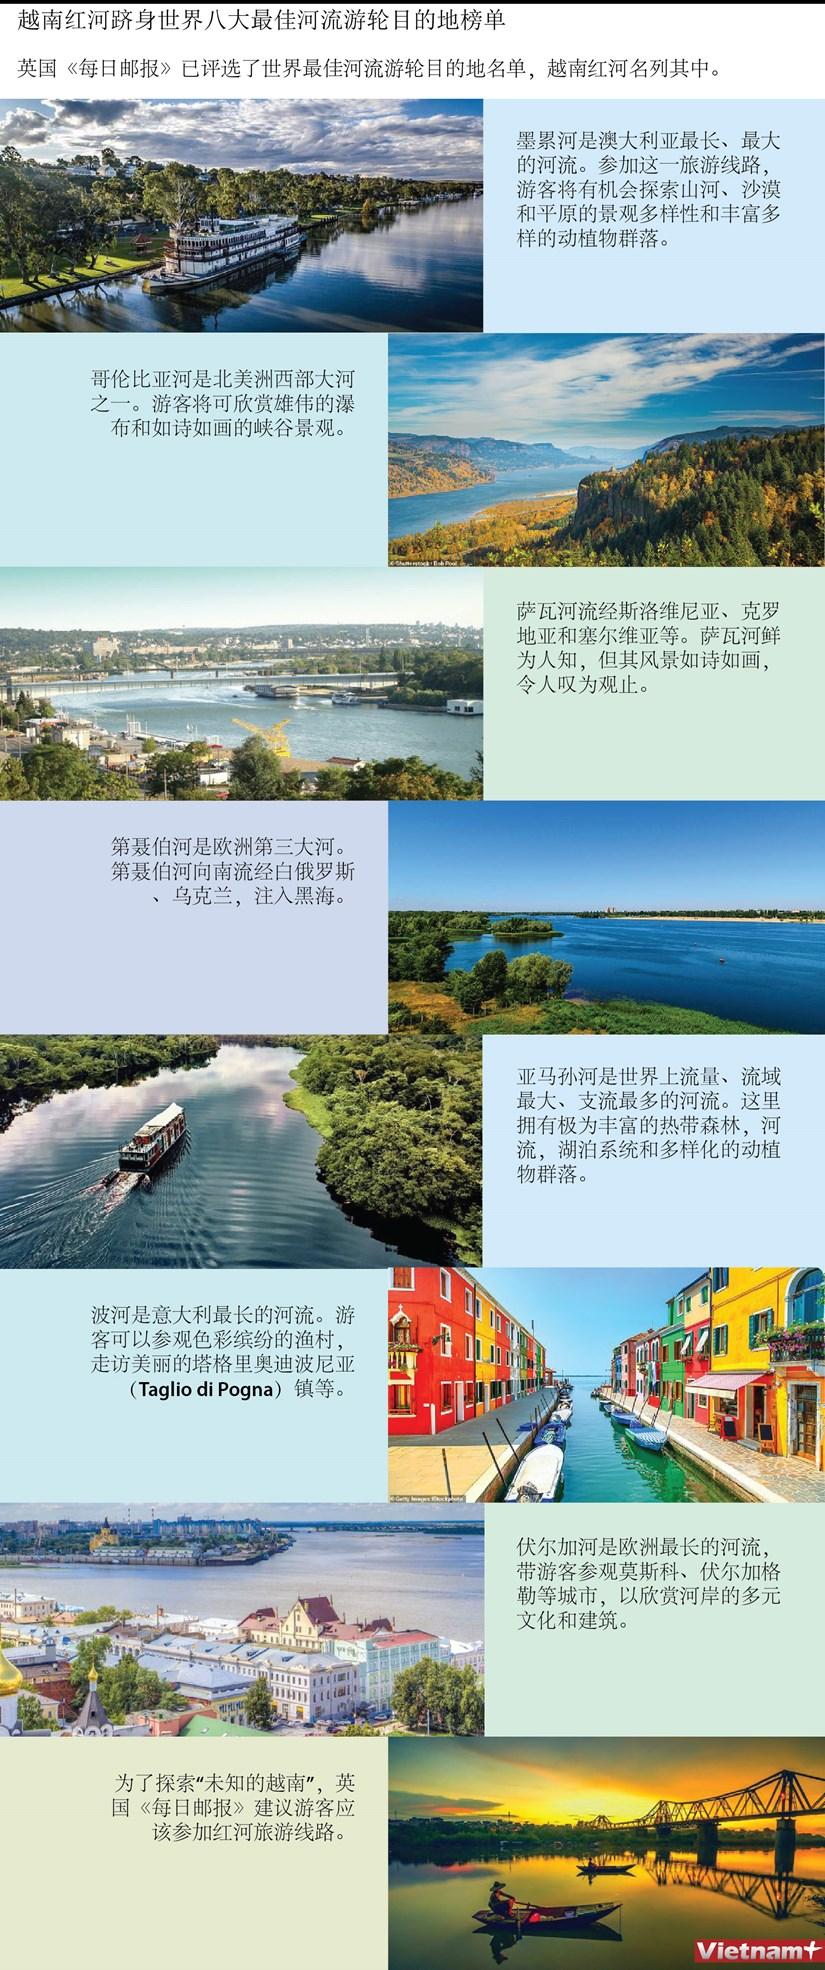 图表新闻:越南红河跻身世界八大最佳河流游轮目的地榜单 hinh anh 1